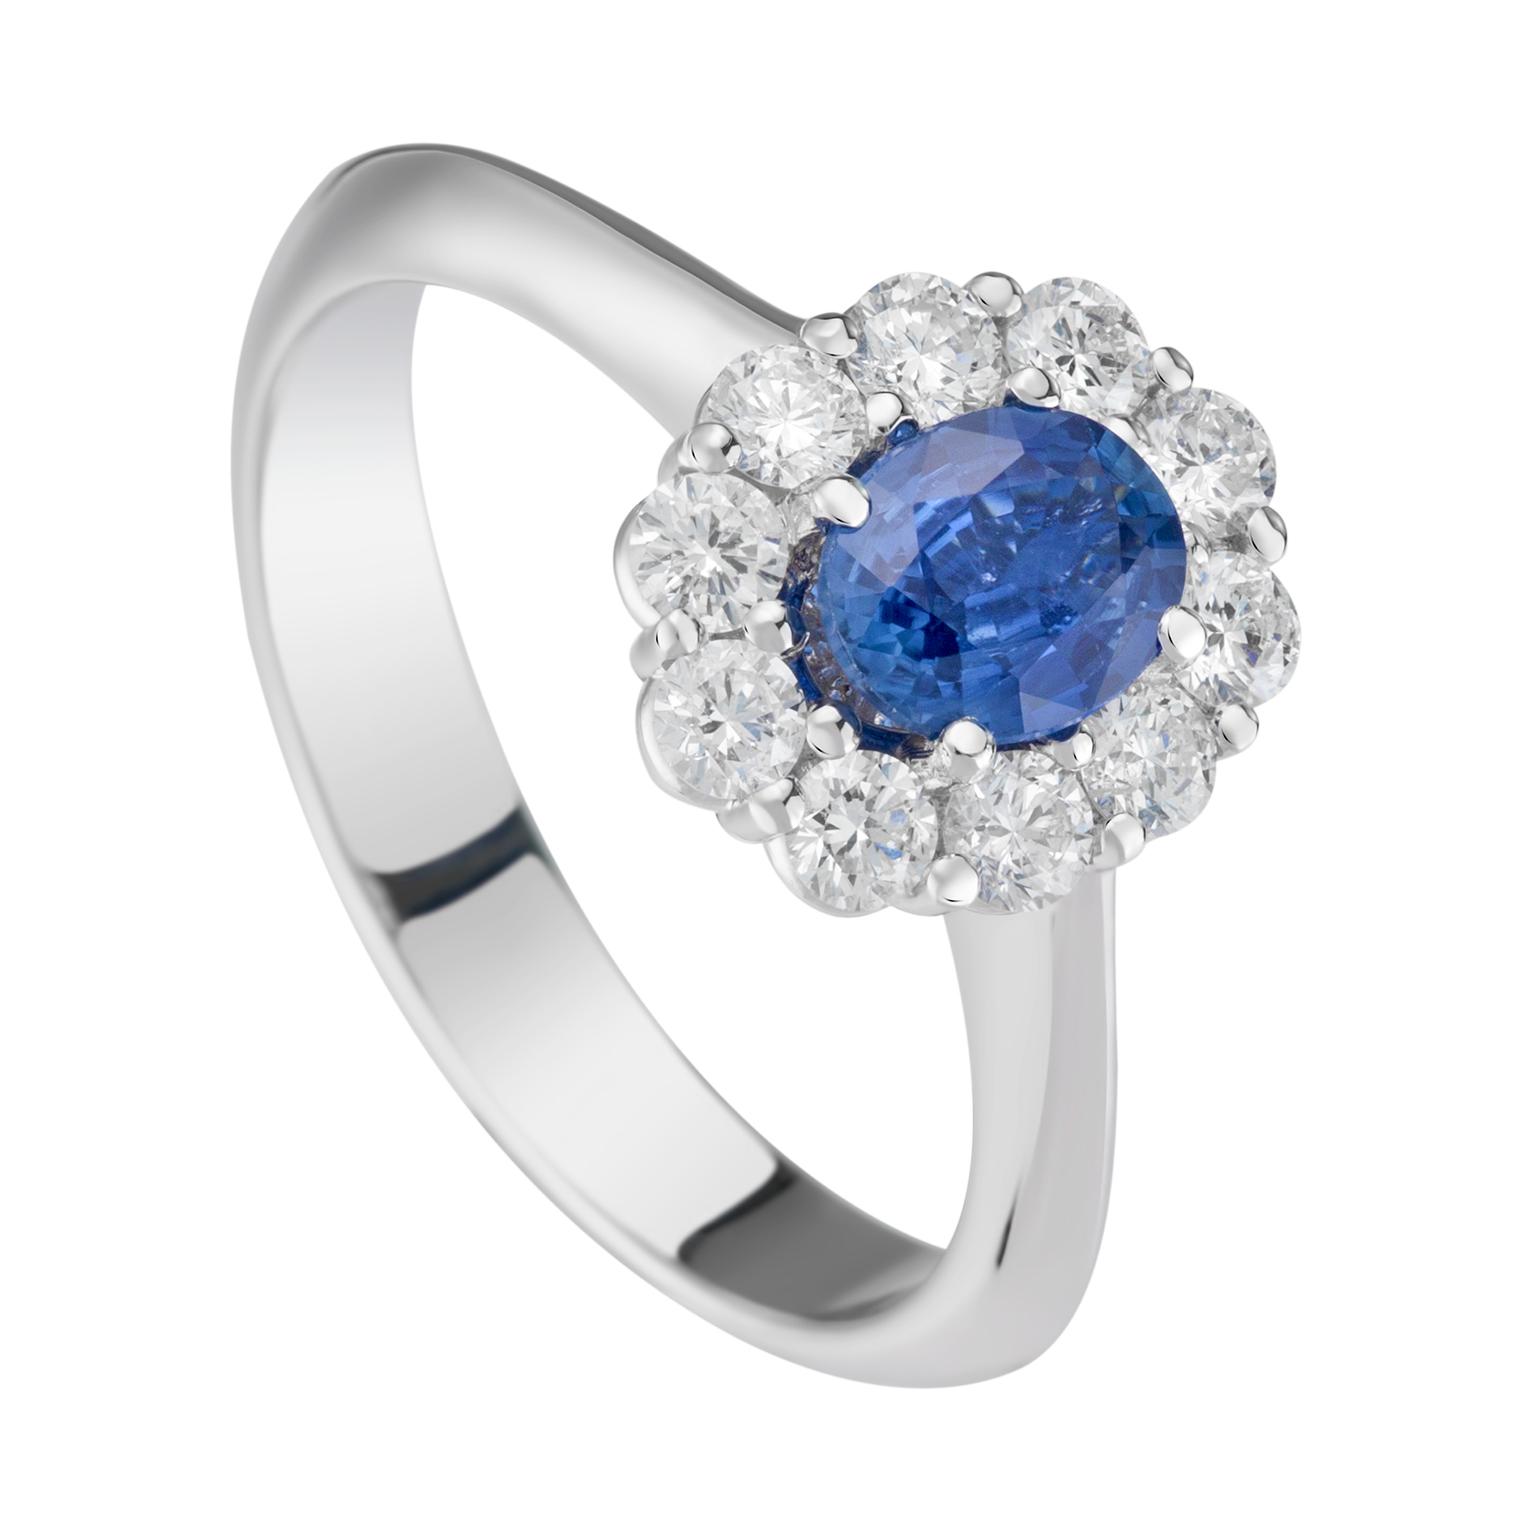 ANELLO CON ZAFFIRO CONTORNATO DA 10 DIAMANTI, World Diamond Group